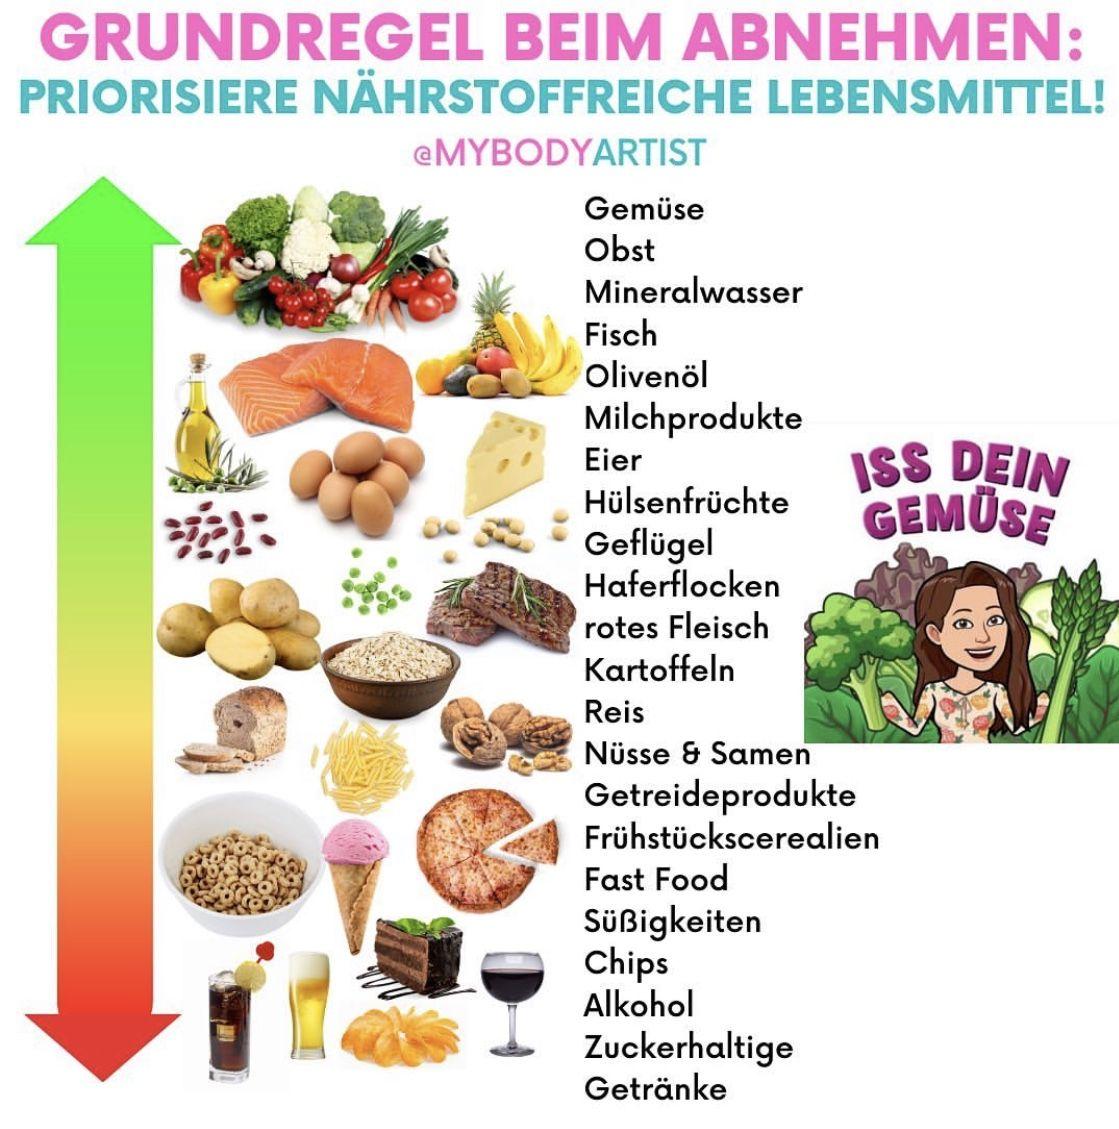 Welches Obst oder Gemüse hilft Ihnen beim Abnehmen